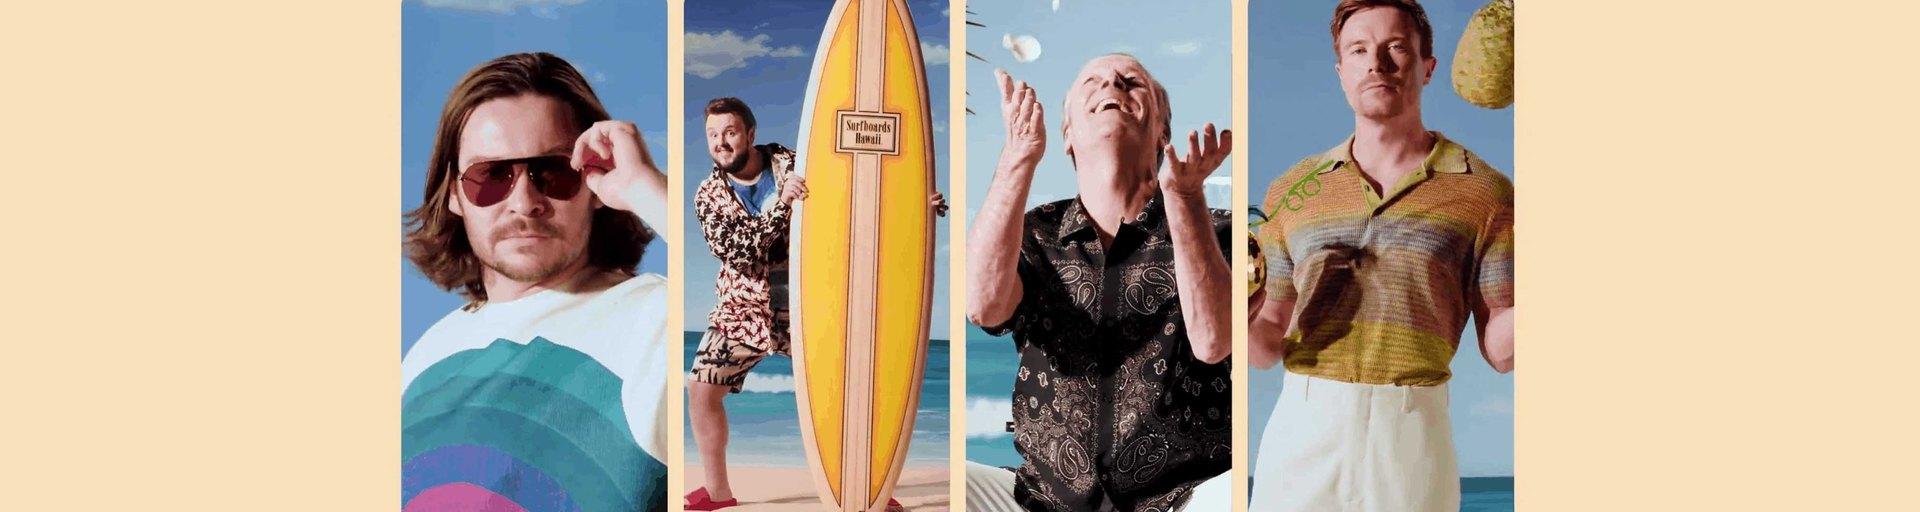 Лето близко: Esquire выбрал четырех любимых героев «Игры престолов», поговорил сними (и вывез напляж)